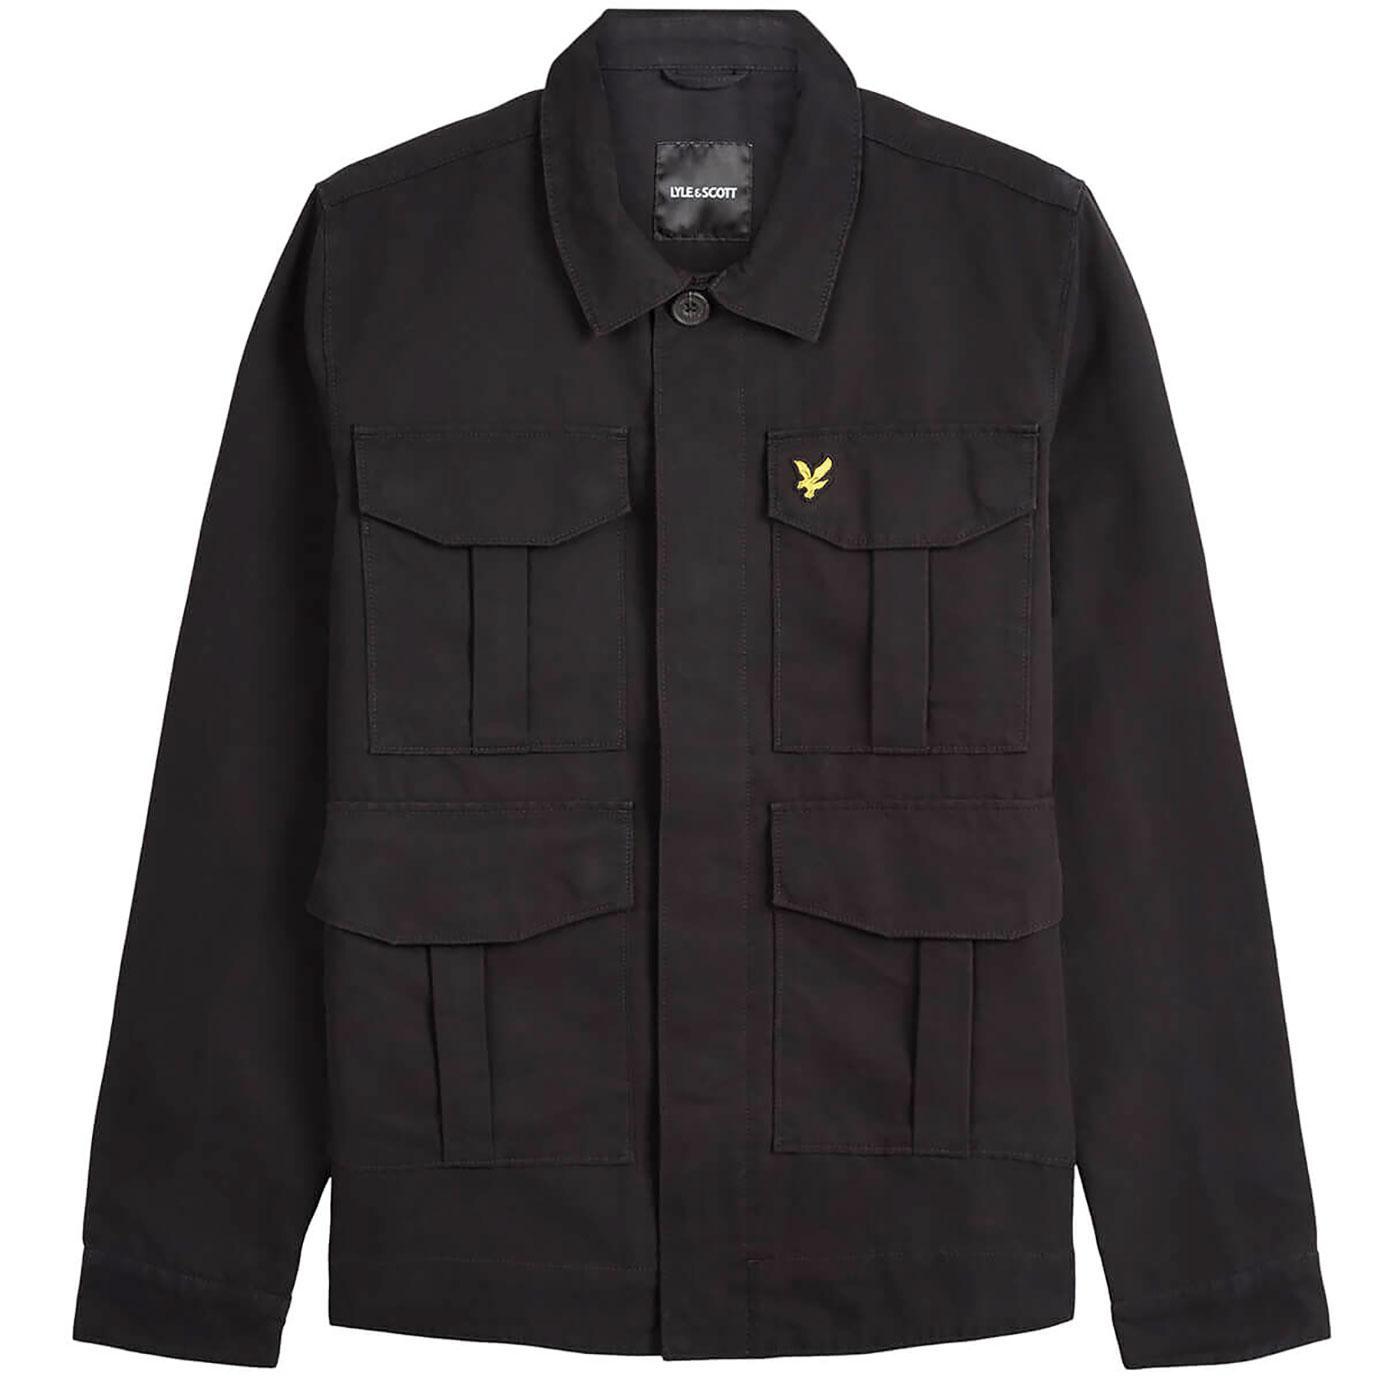 LYLE & SCOTT Men's Retro Military Utility Jacket